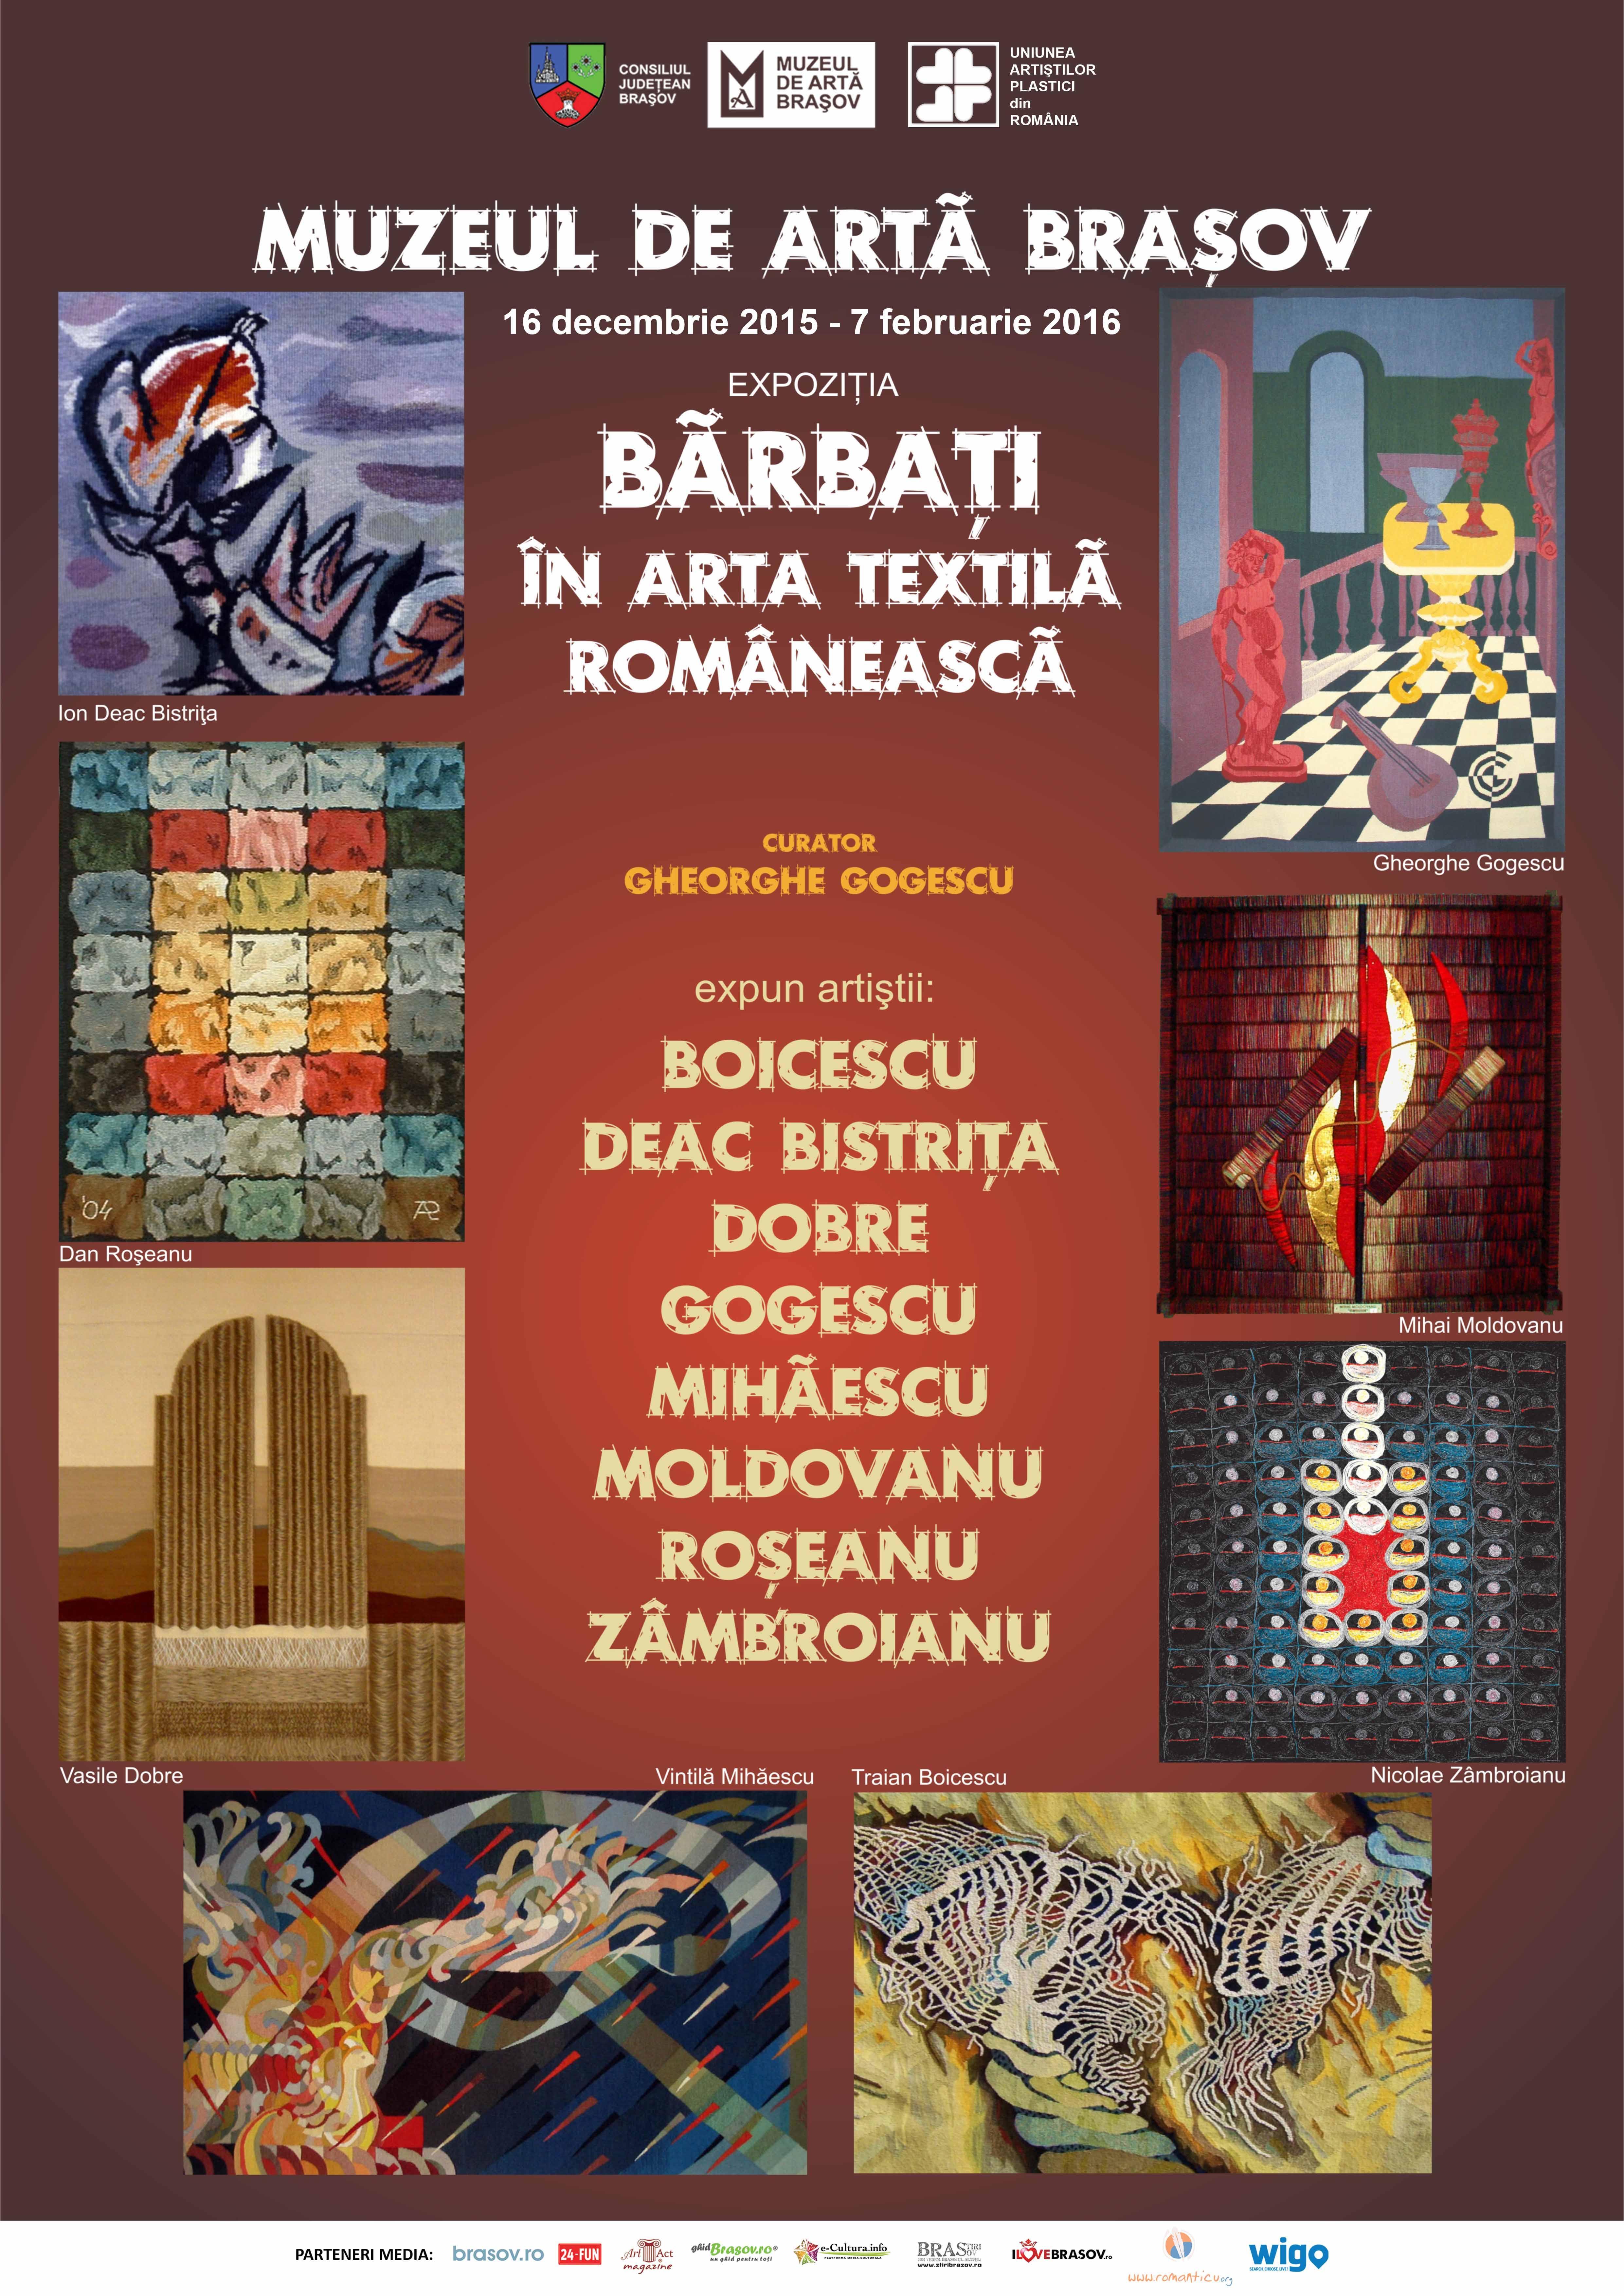 Bărbaţi în arta textilă românească